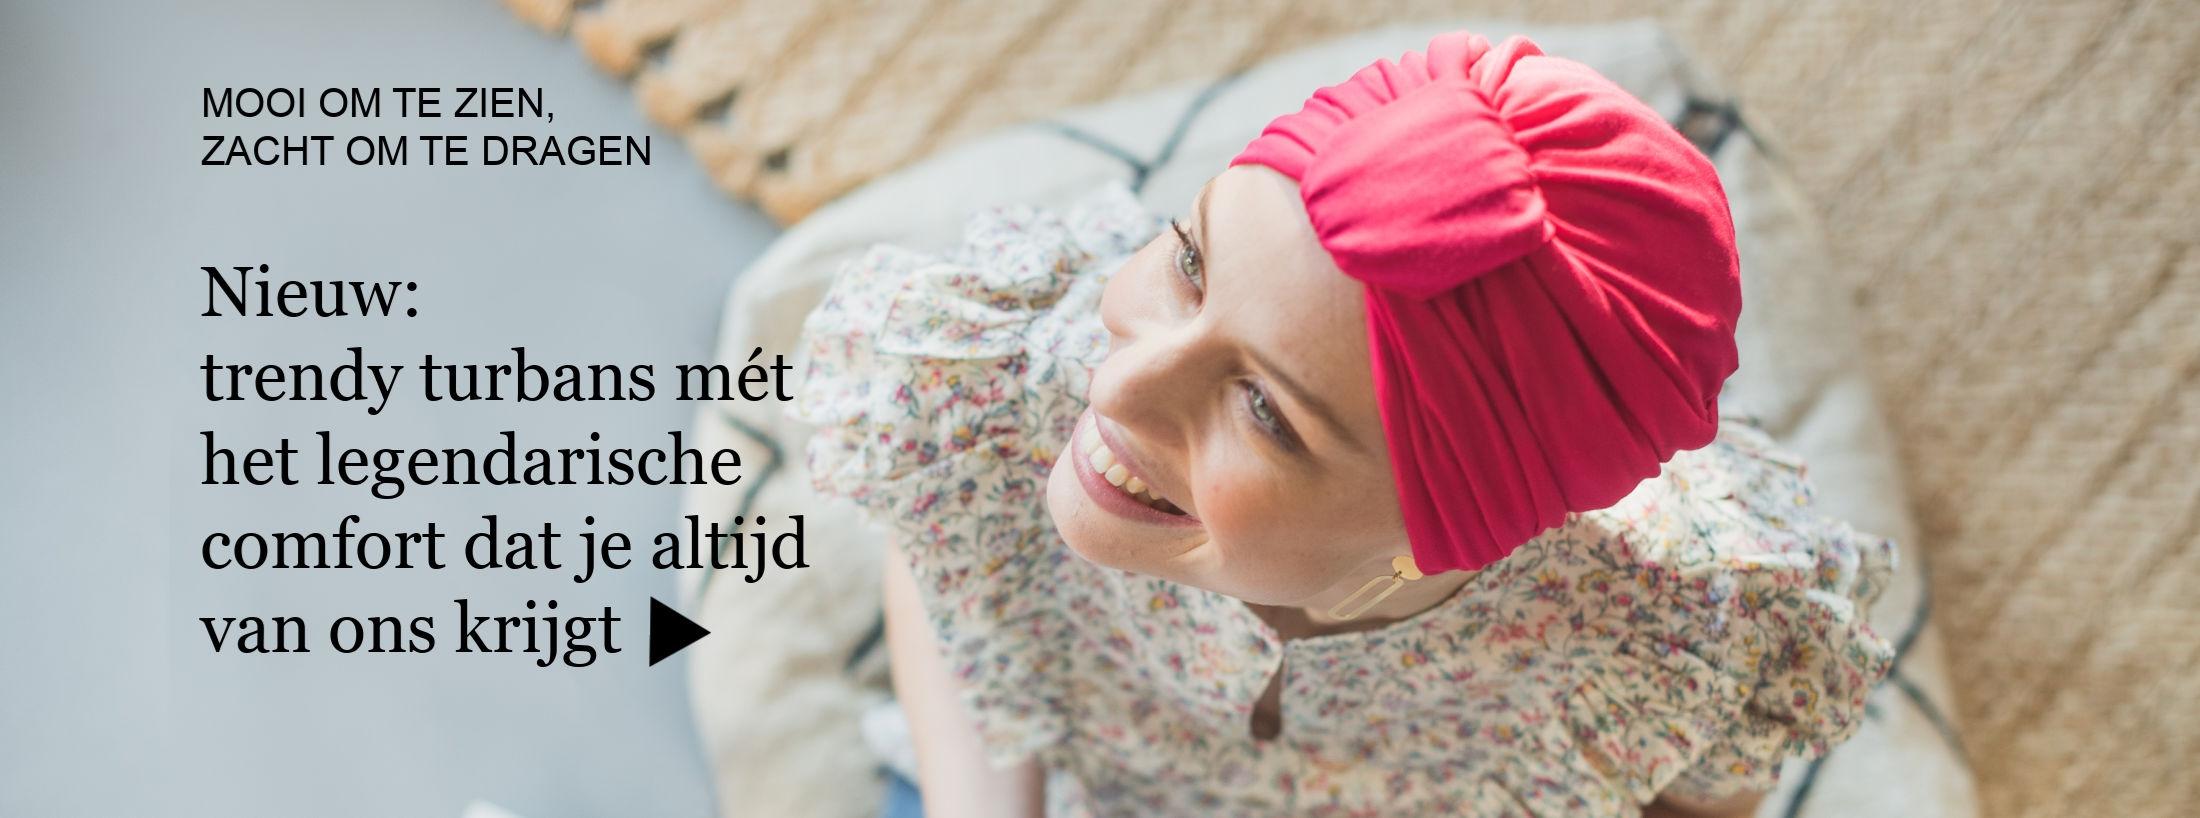 Nieuwe turban mutsjes